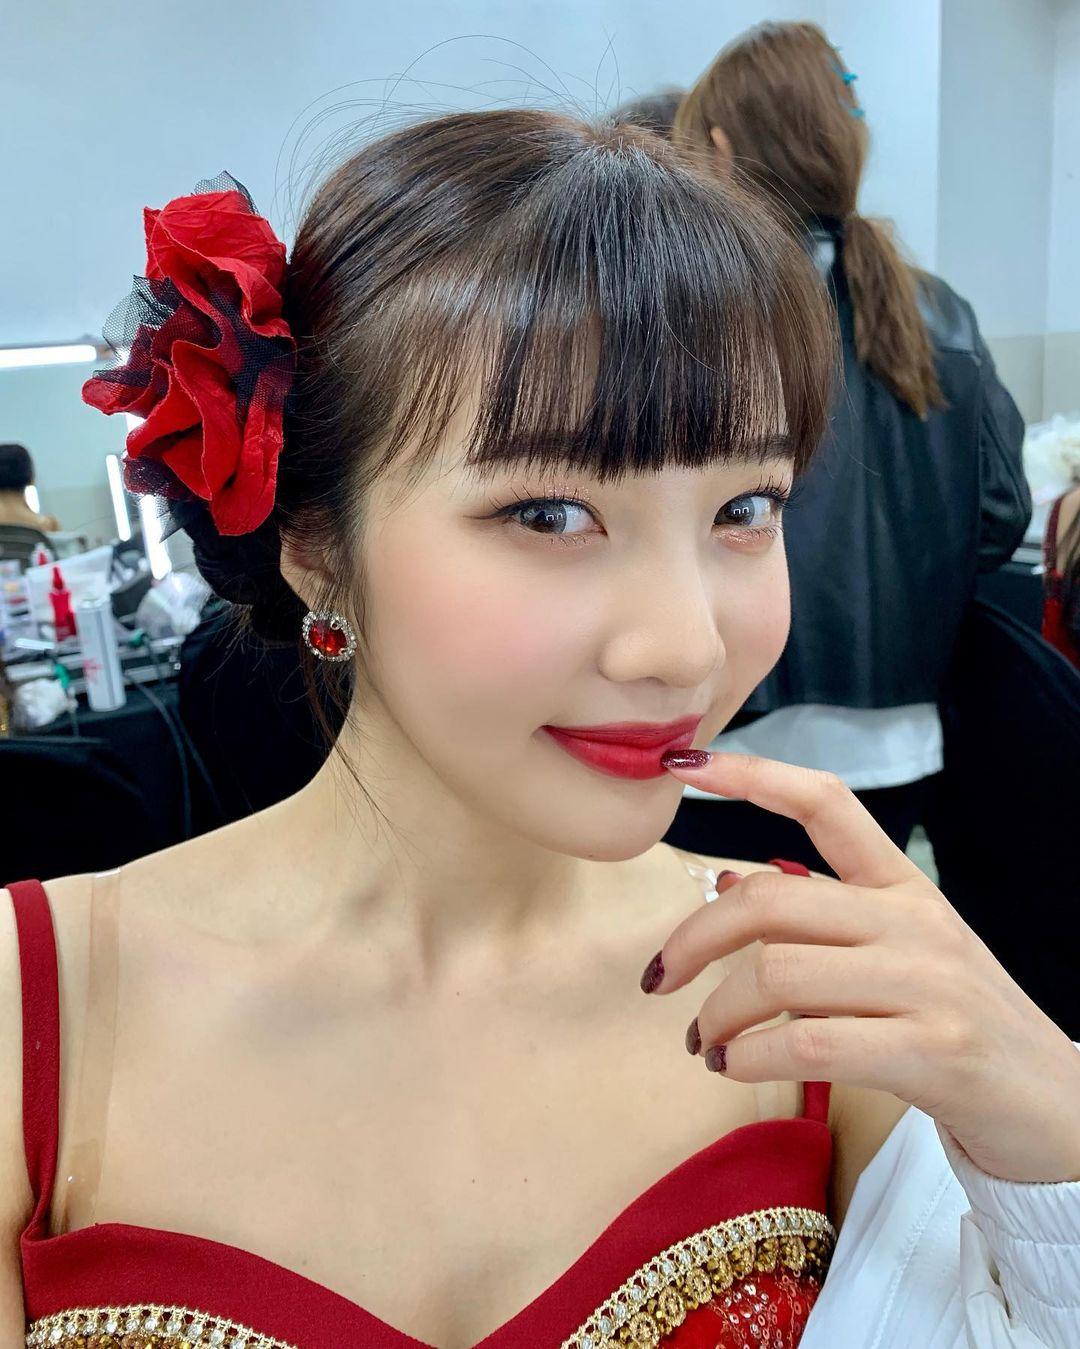 Nữ idol cũng khéo chọn lối trang điểm da trắng, môi đỏ rực rỡ để nhan sắc càng thêm yêu kiều.